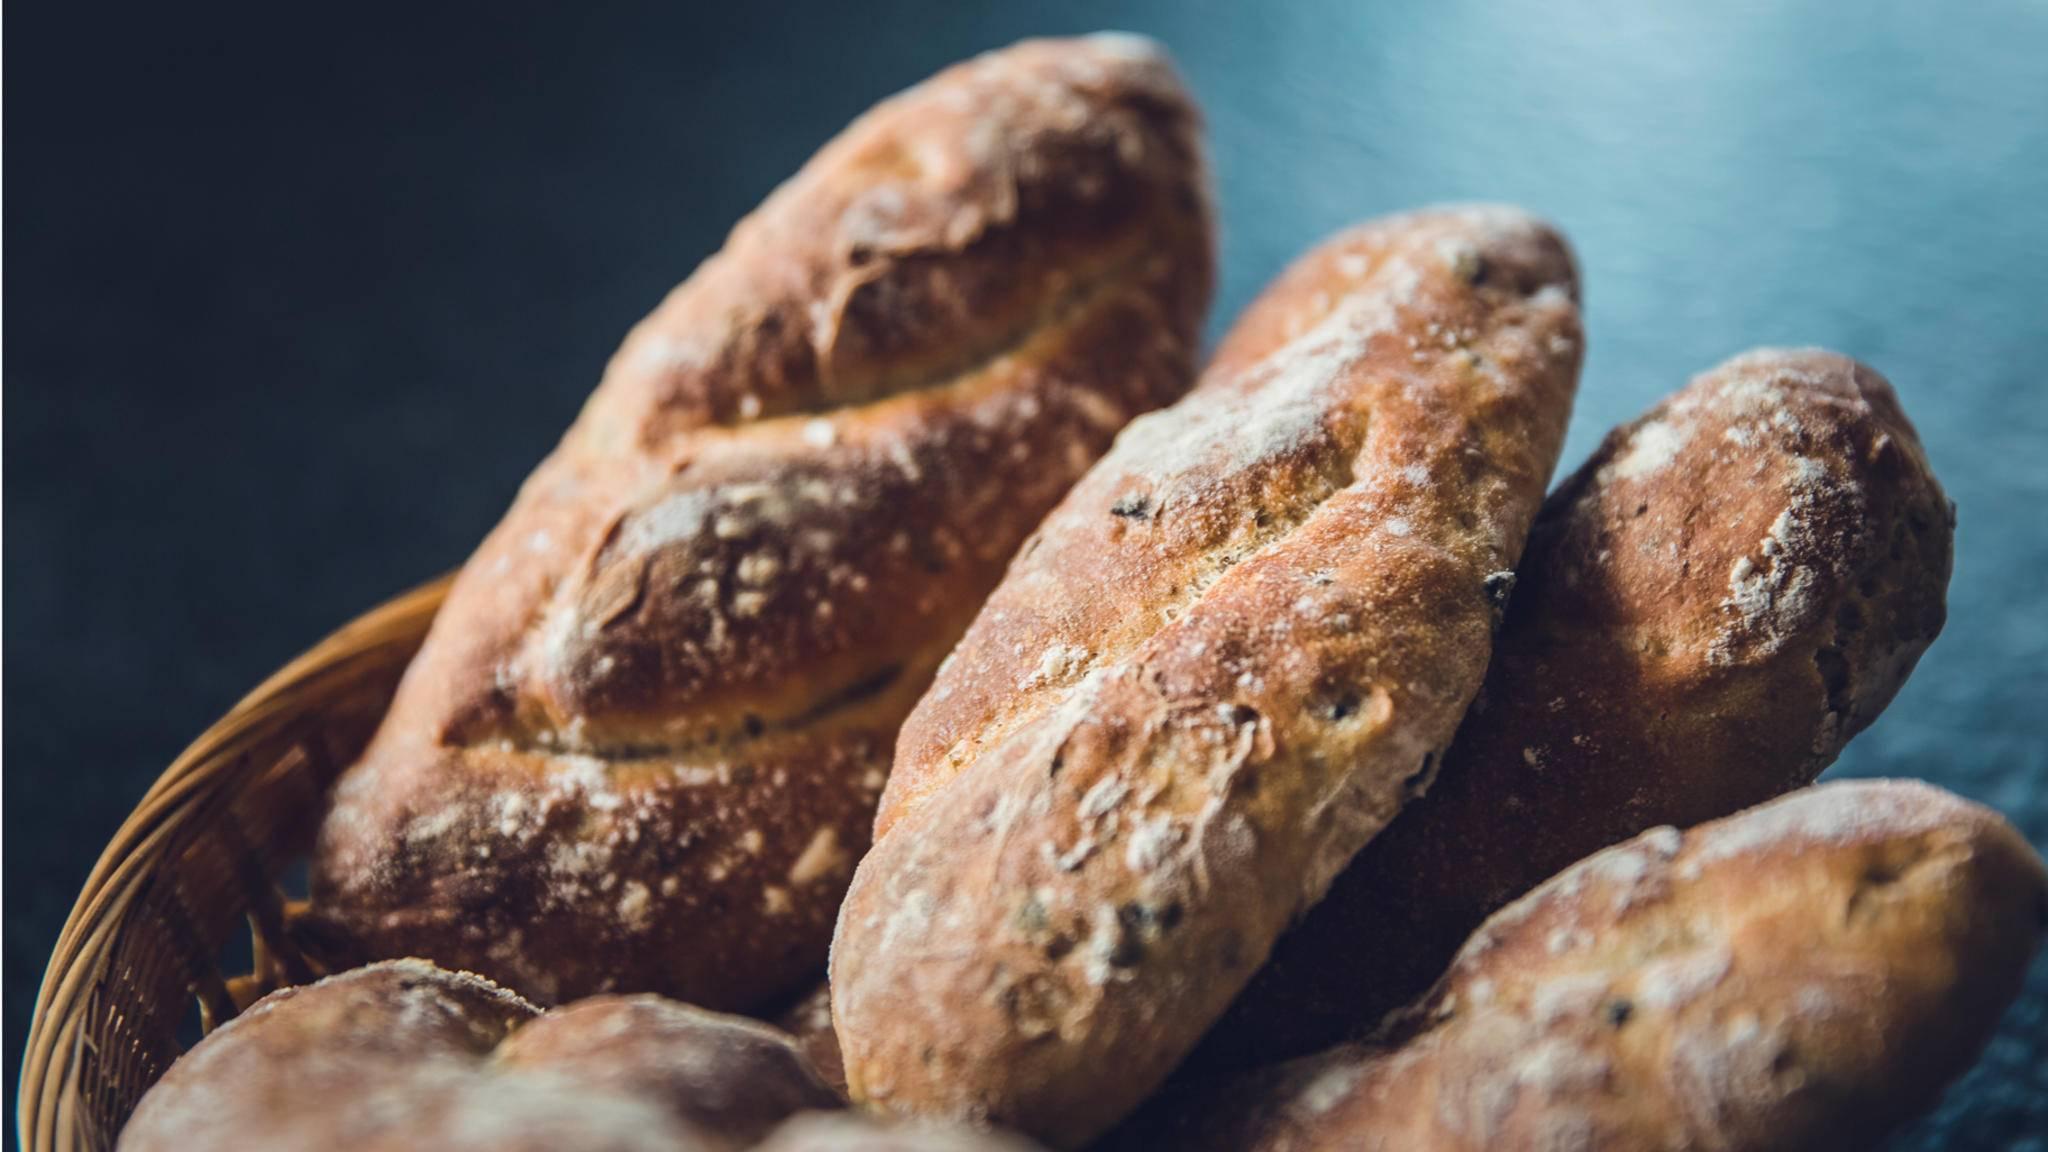 Viele Brotsorten enthalten Gluten, das bei Menschen mit Glutenunverträglichkeit für Probleme sorgt. Eine neue Studie zeigt: Ersatzprodukte haben teilweise andere schädliche Inhalte.